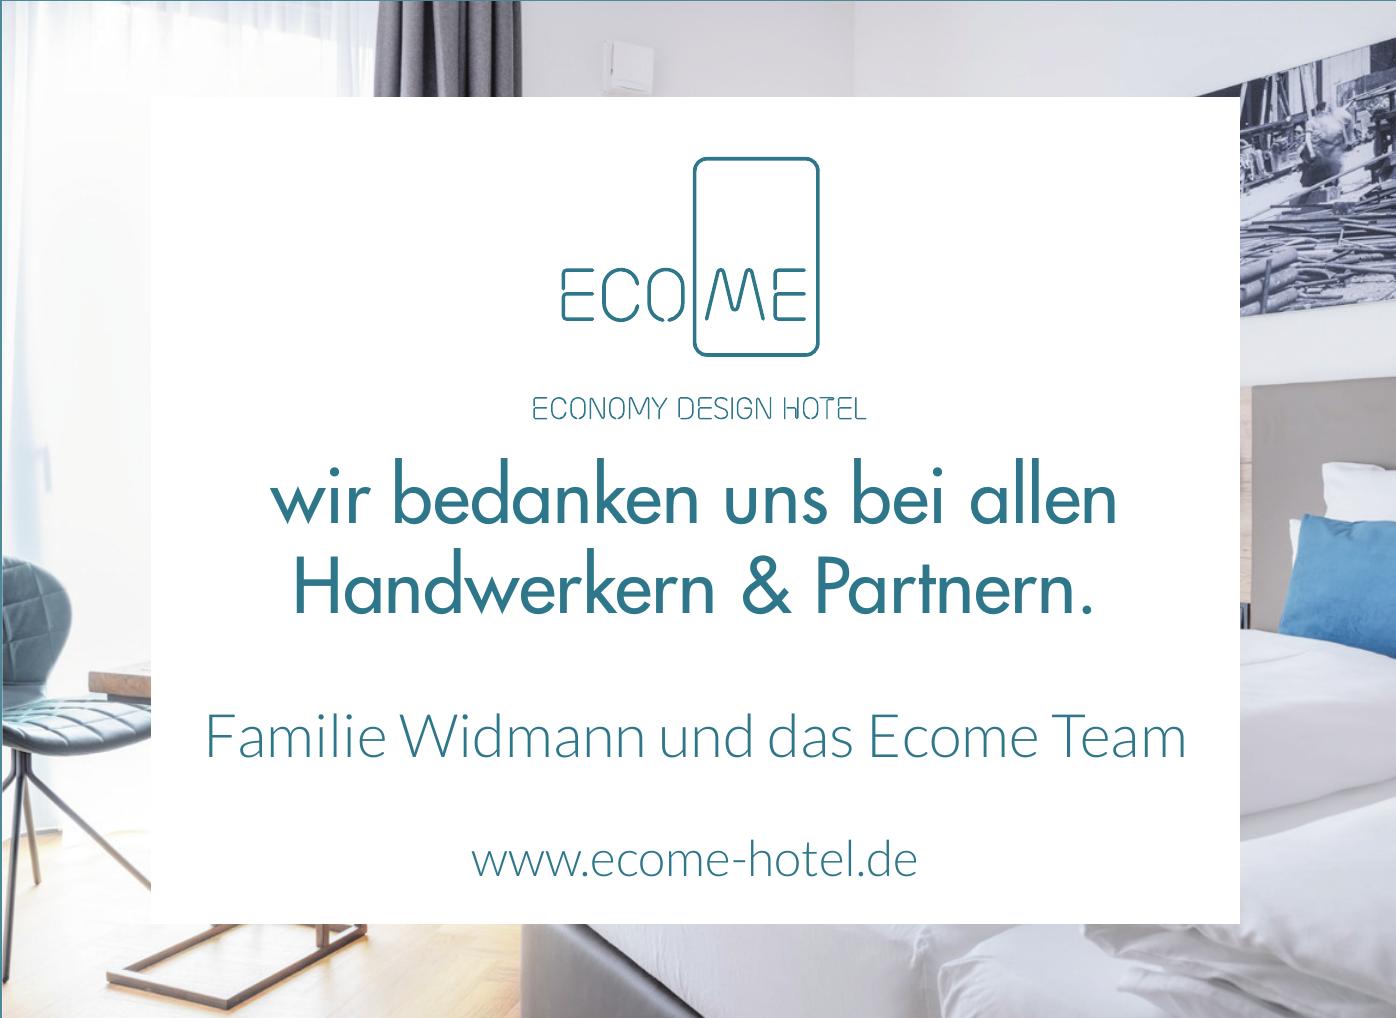 Familie Widmann und das Ecome Team